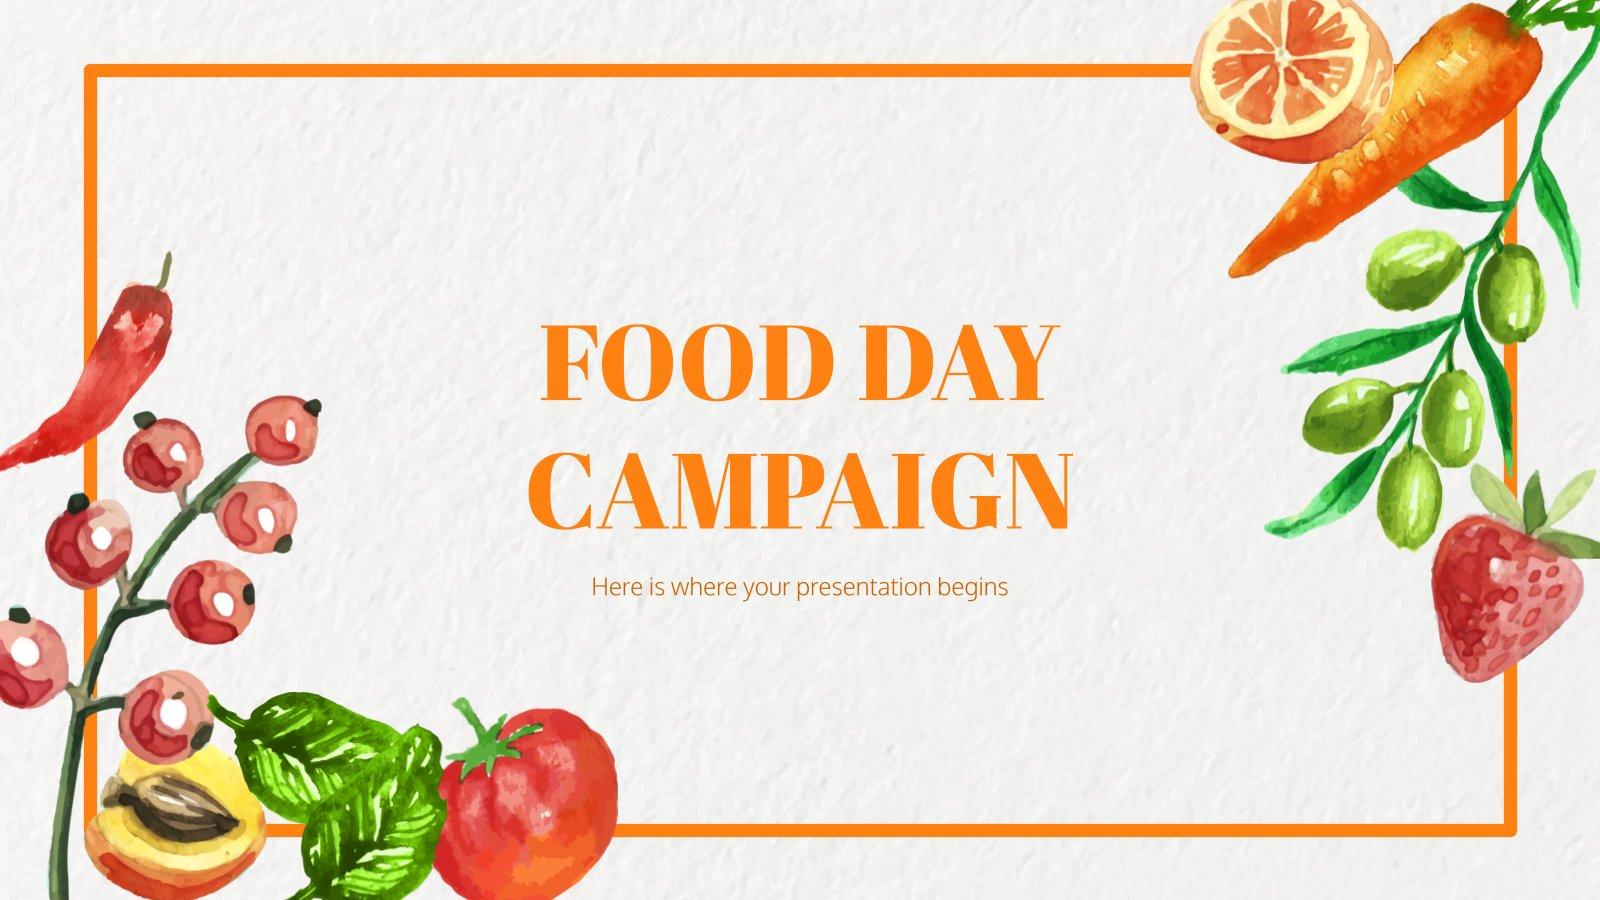 Campagne pour la Journée mondiale de l'alimentation : Modèles de présentation